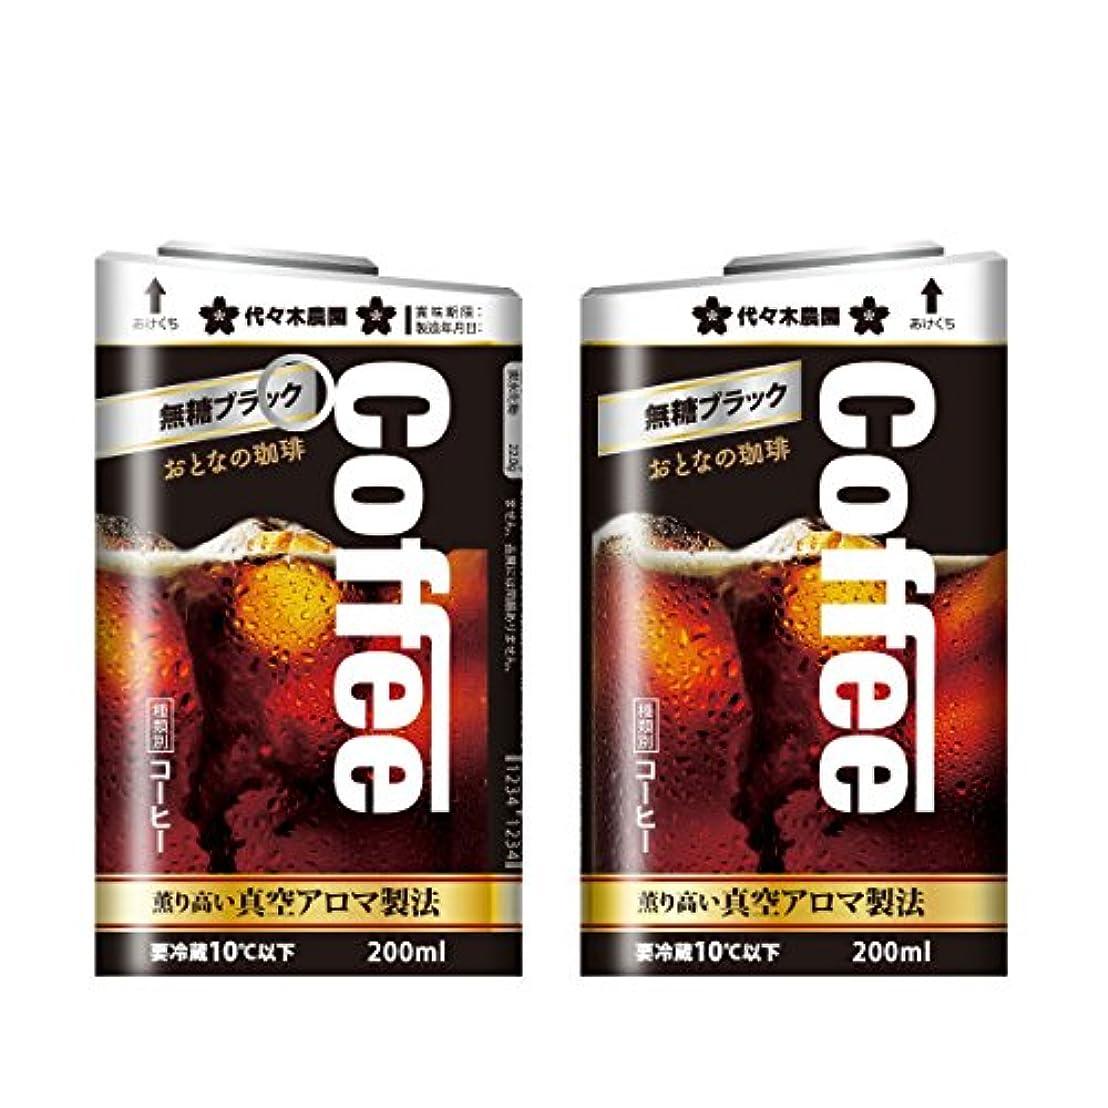 満了バルク実証するグローシール glo グロー シール glo グロー専用 スキンシール 電子タバコ ステッカー 「飲めません。でも、喫めます。」シリーズ2 06 無糖コーヒーブラック 01-gl0444